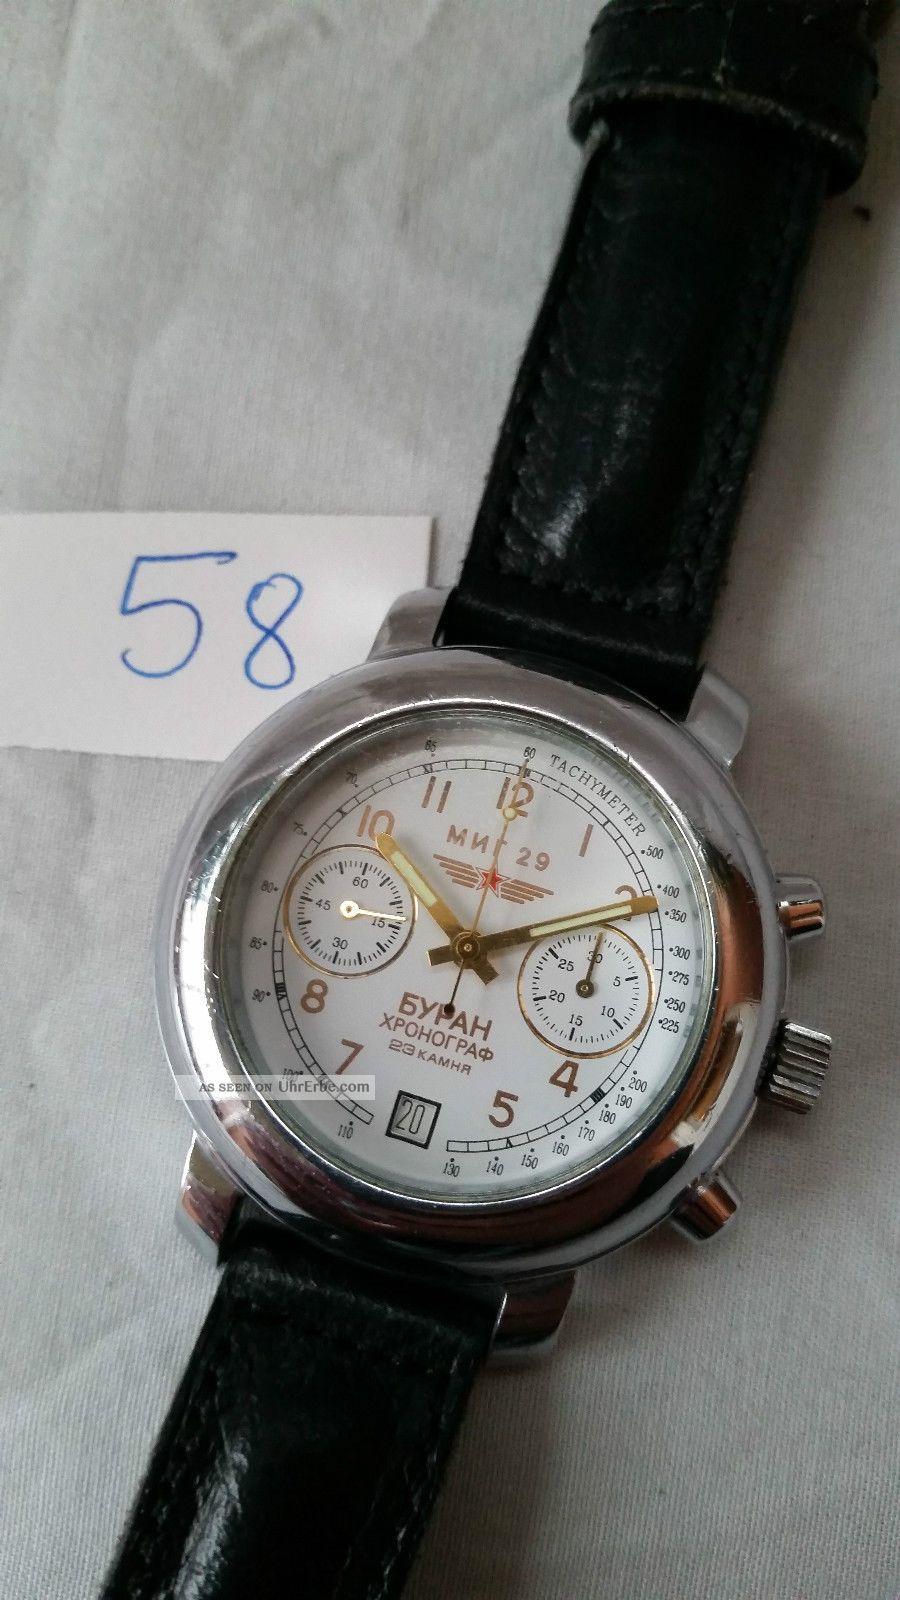 Poljot Russland Chronograph MilitÄr Handaufzug Cal.  3133 (58) Armbanduhren Bild